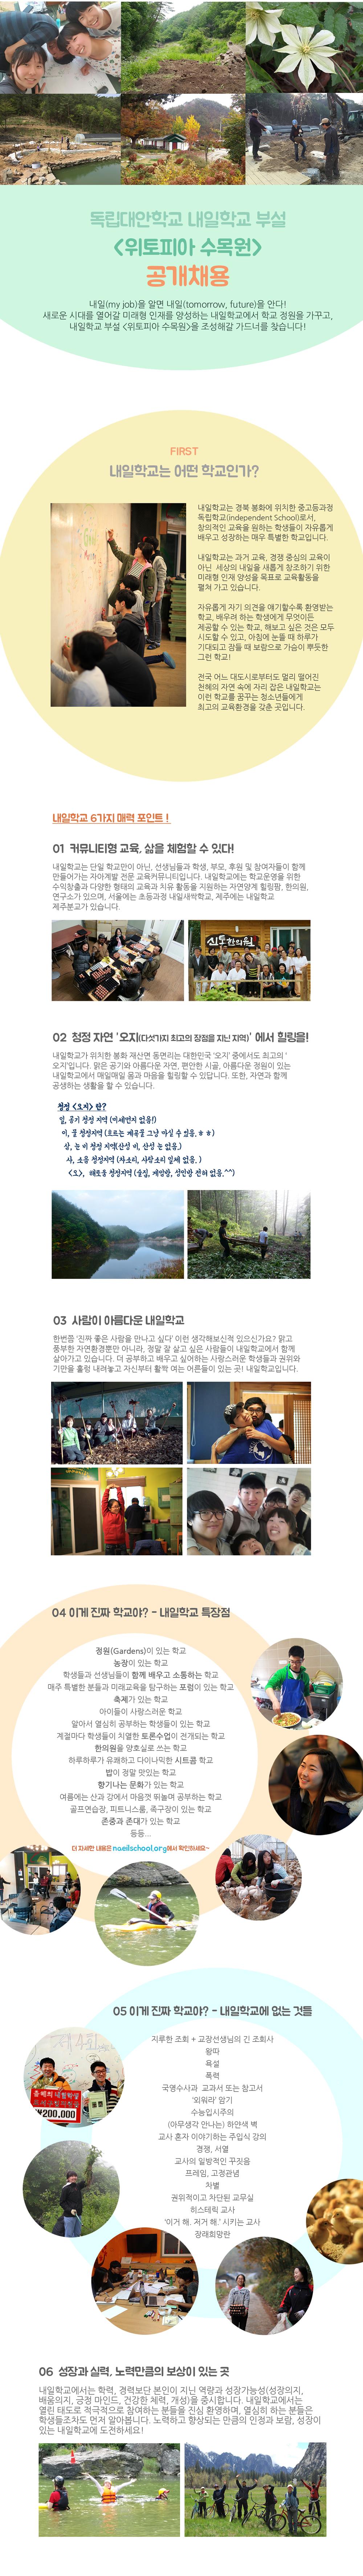 내일학교-채용공고_내일학교소개(가드너)_01.png